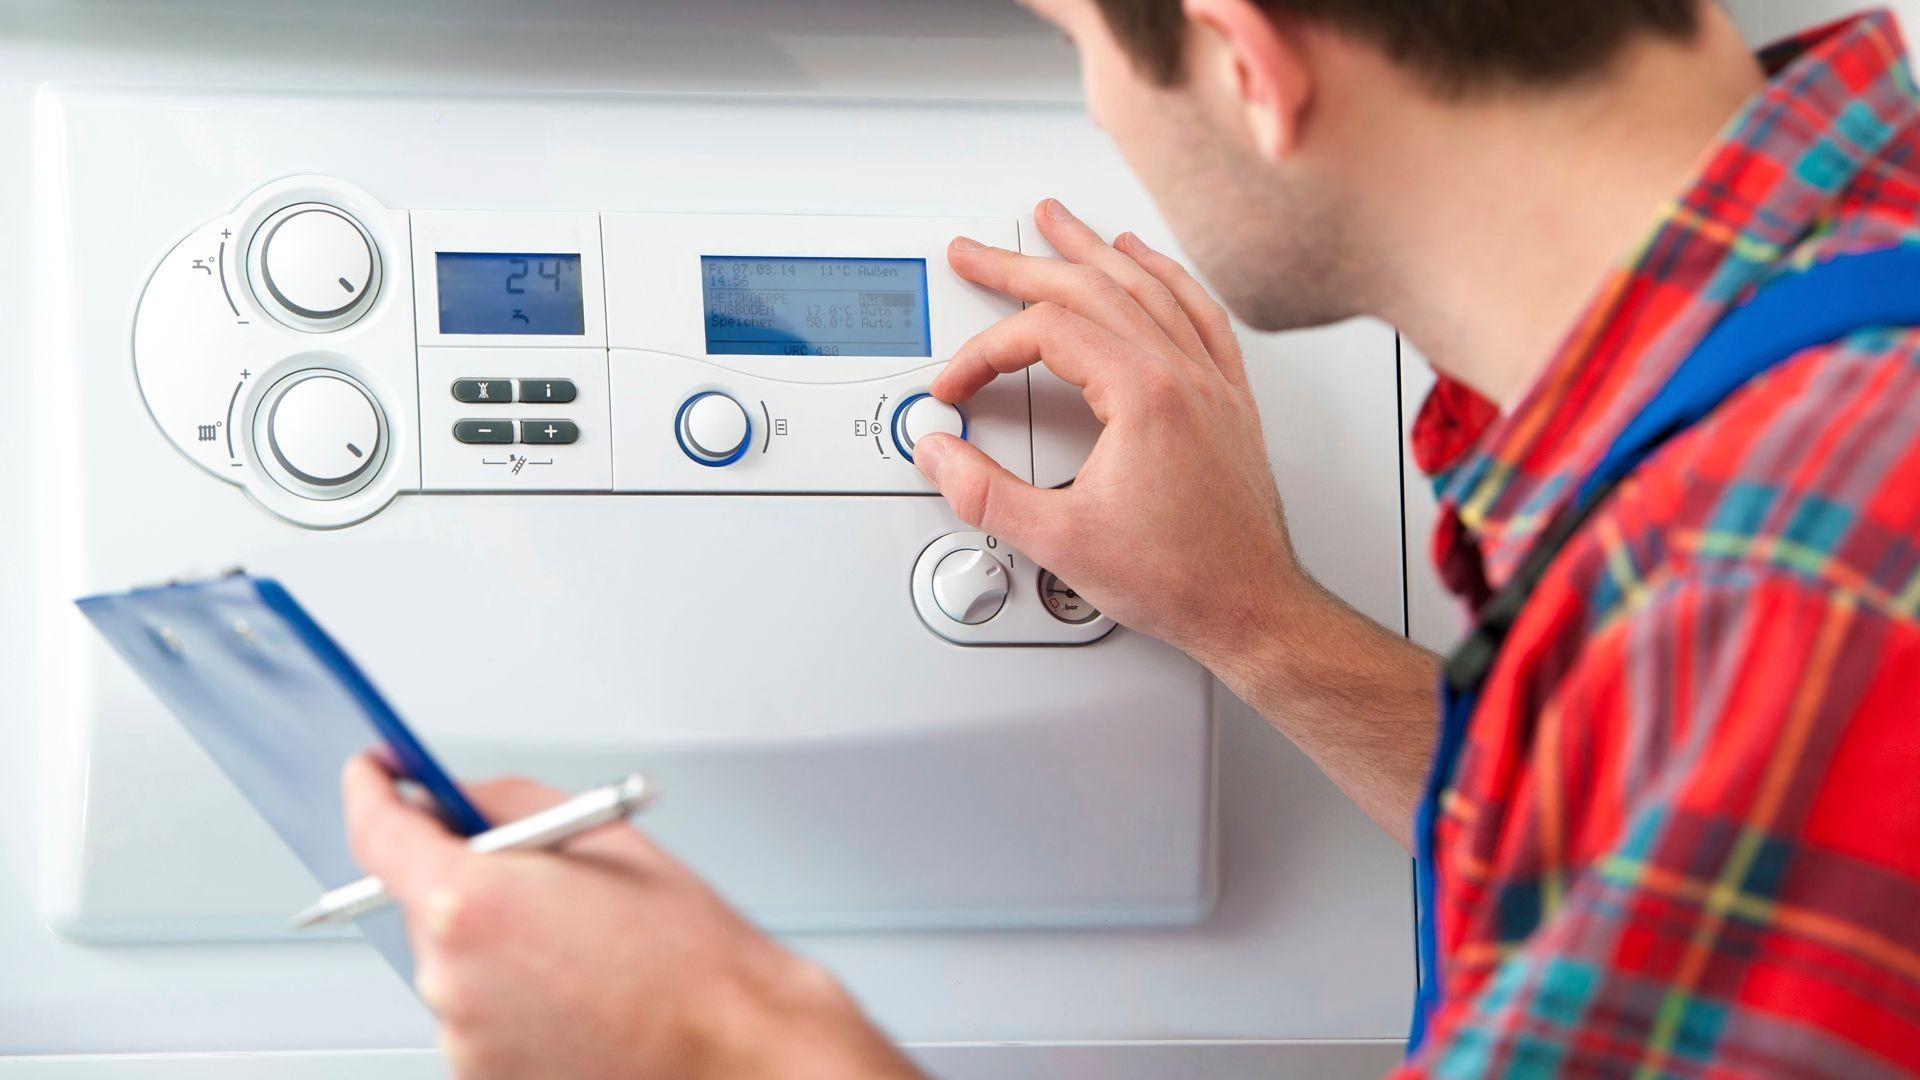 000 reparacion calderas calefacción  (2)